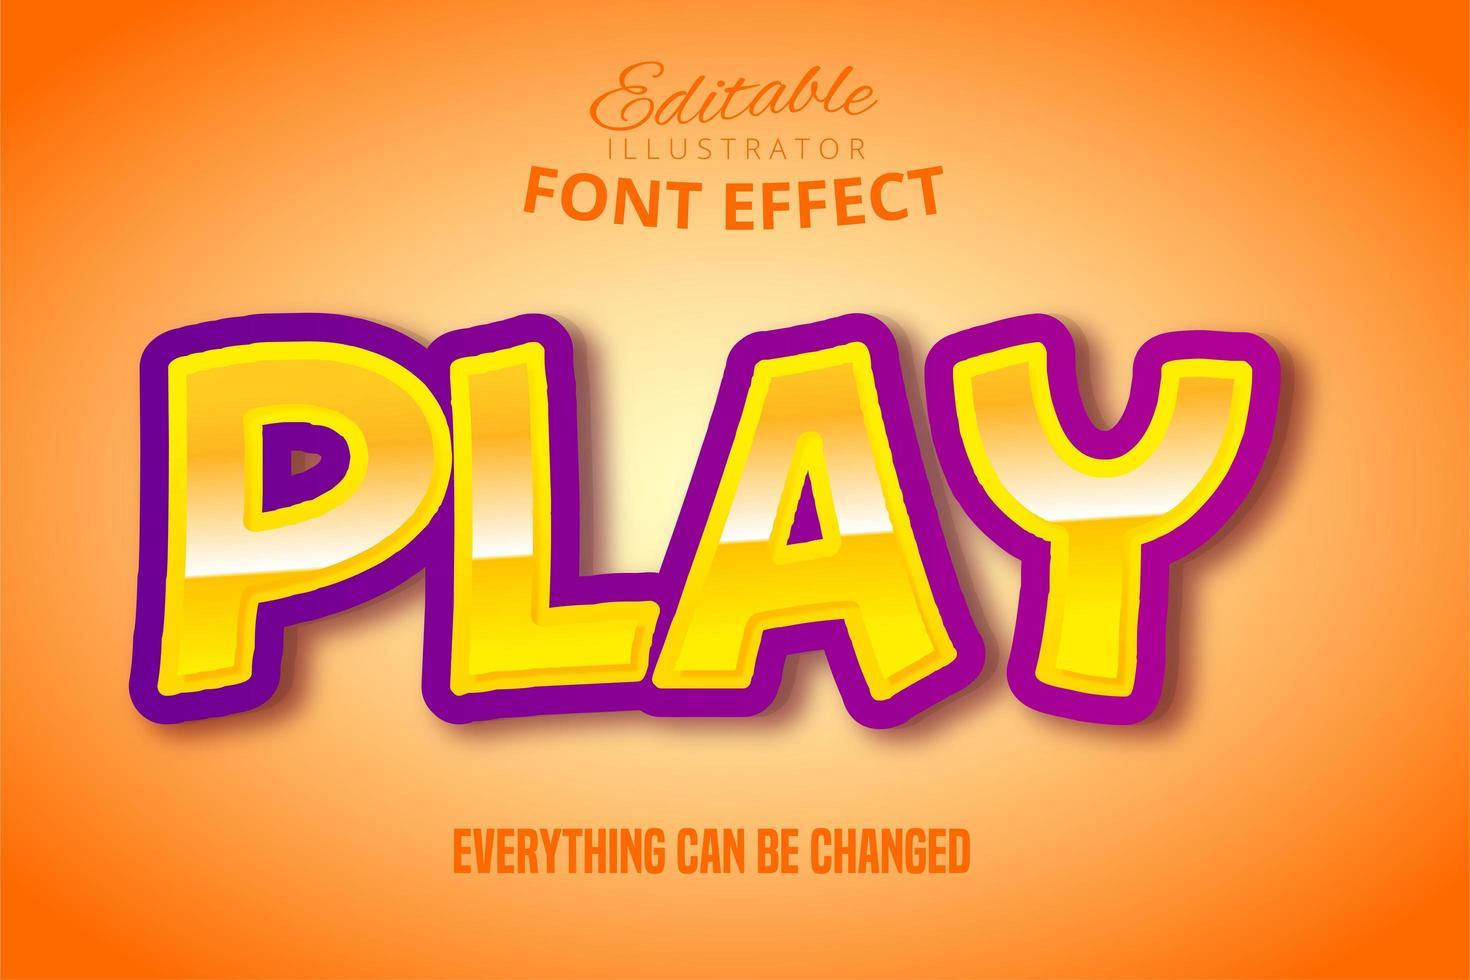 Metallic-Gelb-Spieltext-Effekt vektor